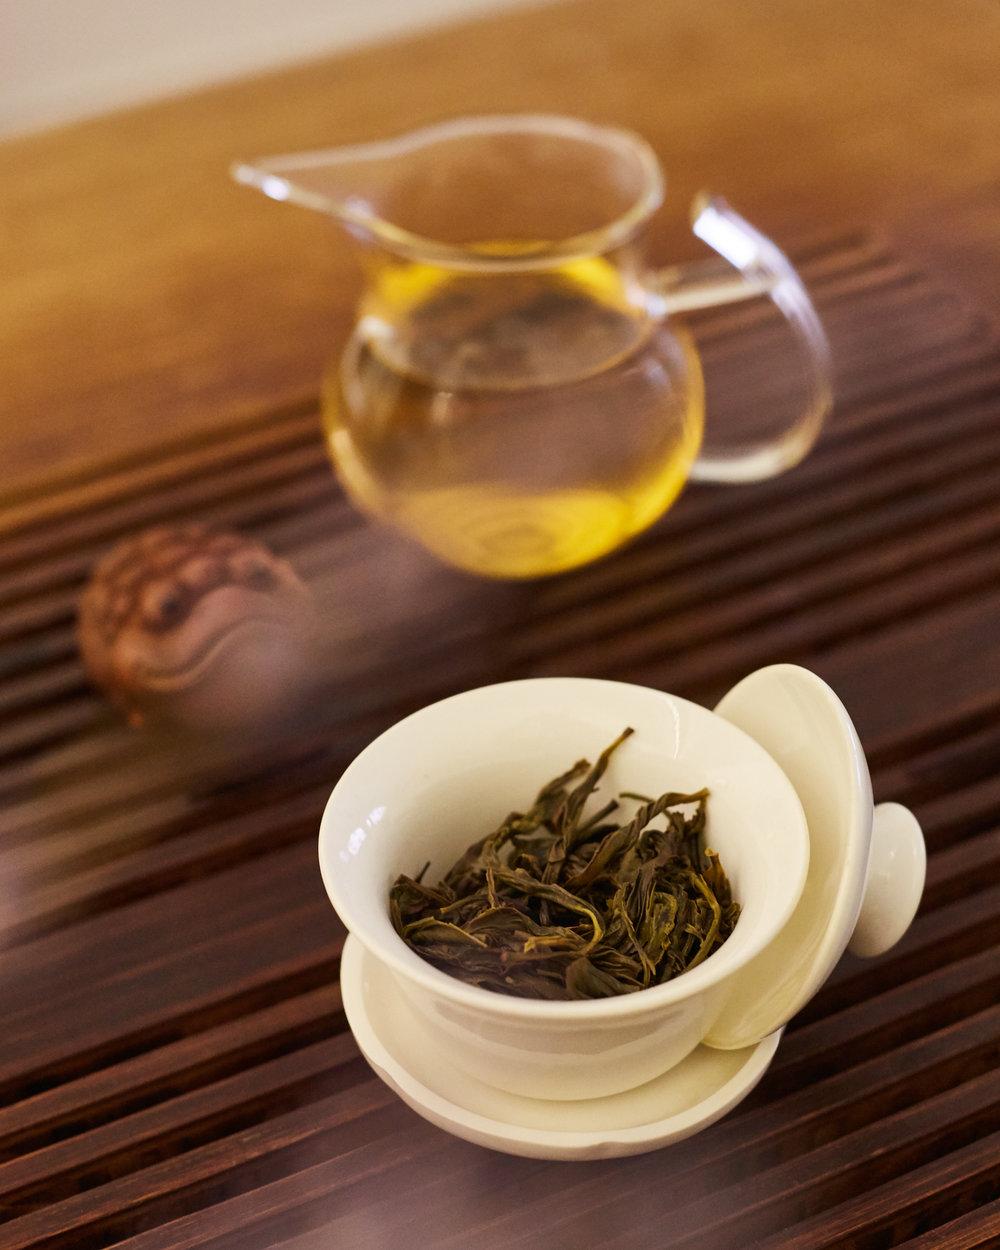 Brewing Dan Cong Tea